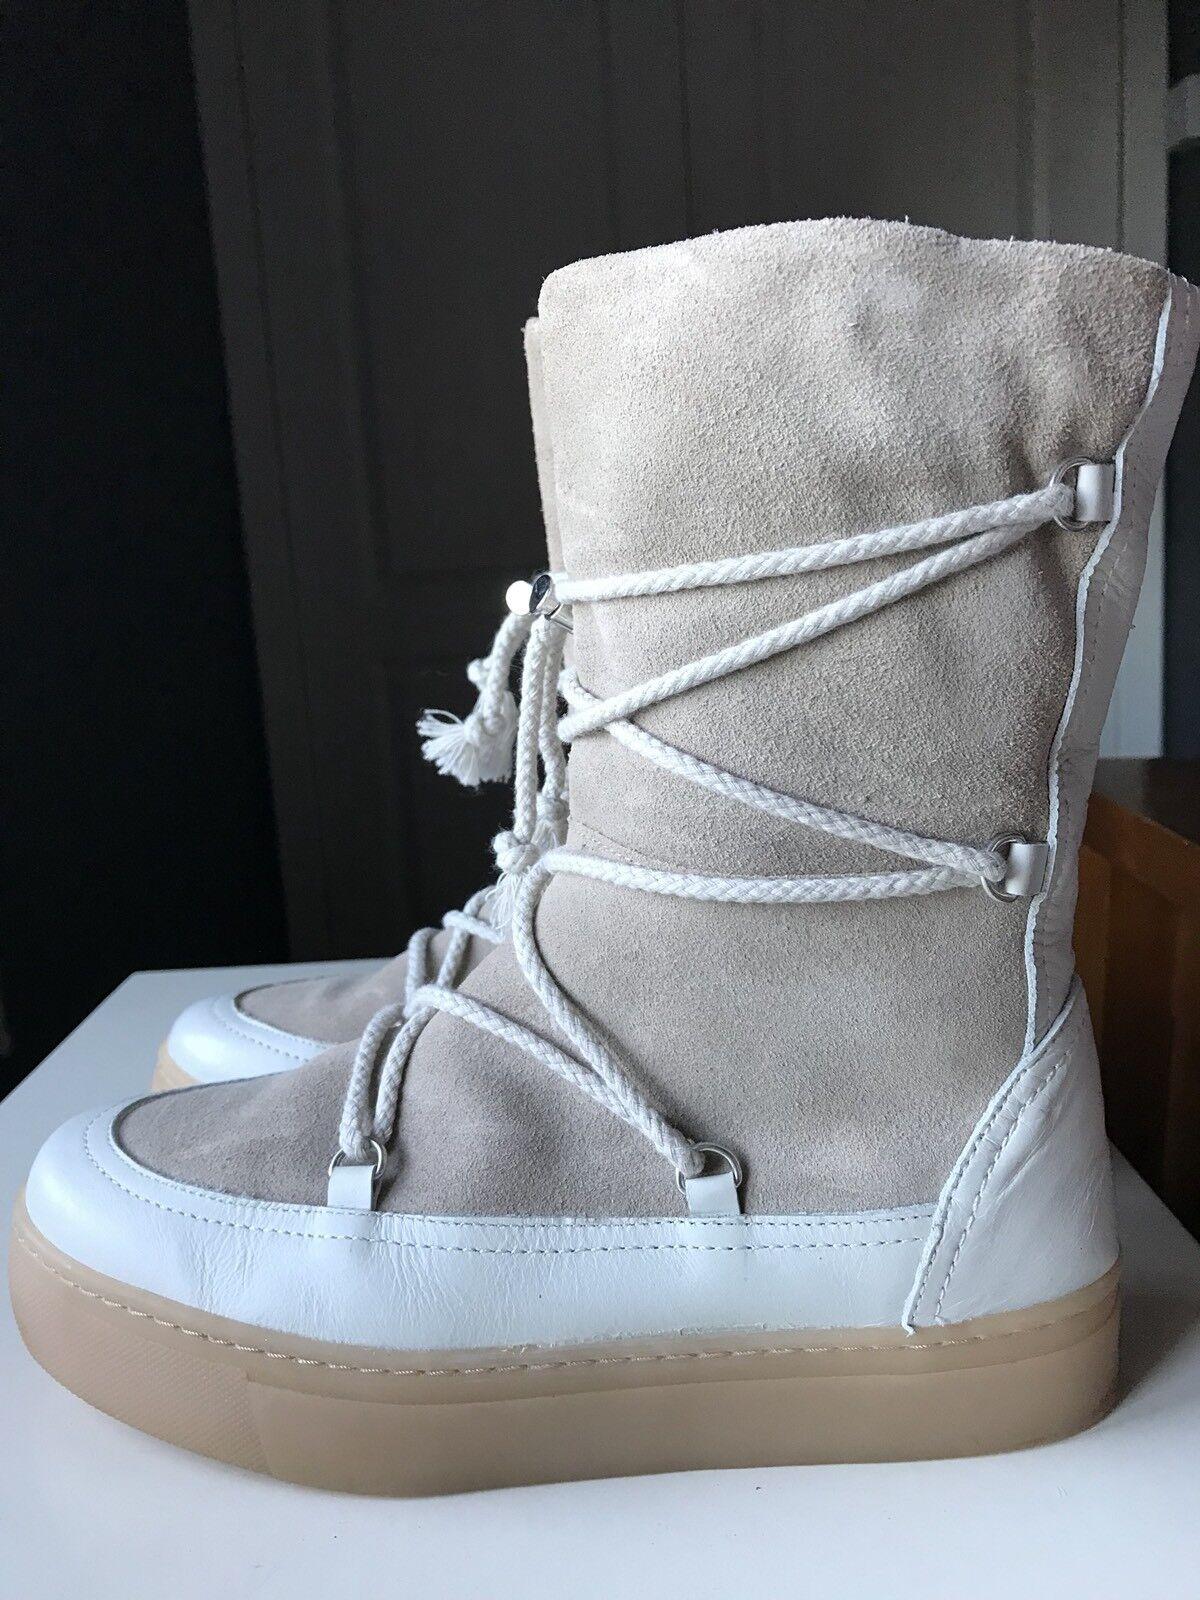 Zara Diseñador Damas Mujeres Cuero Crema Beige Tobillo Pantorrilla Pantorrilla Pantorrilla Zapato Bota Talla 5 38  se descuenta